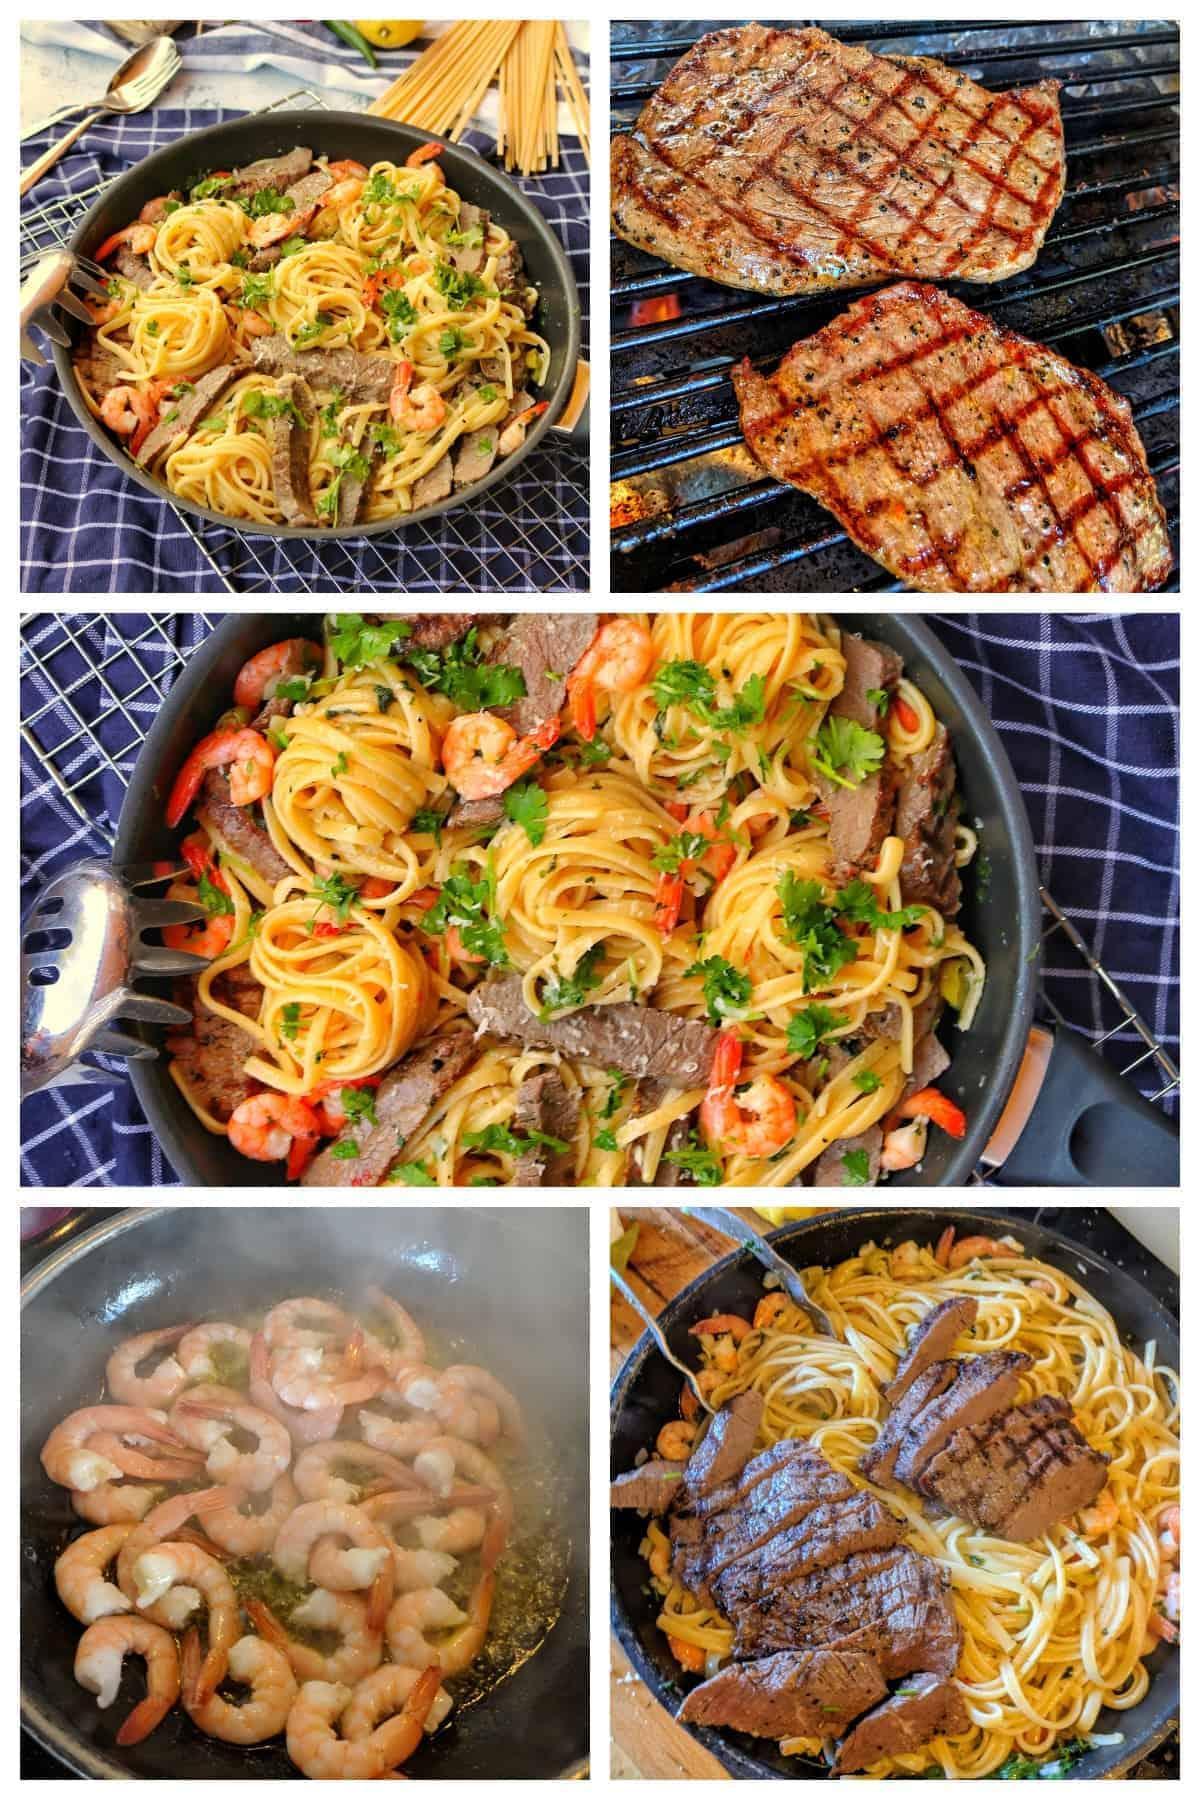 Eine Collage von der Zubereitung von Spaghetti Aglio Olio Surf and Turf.